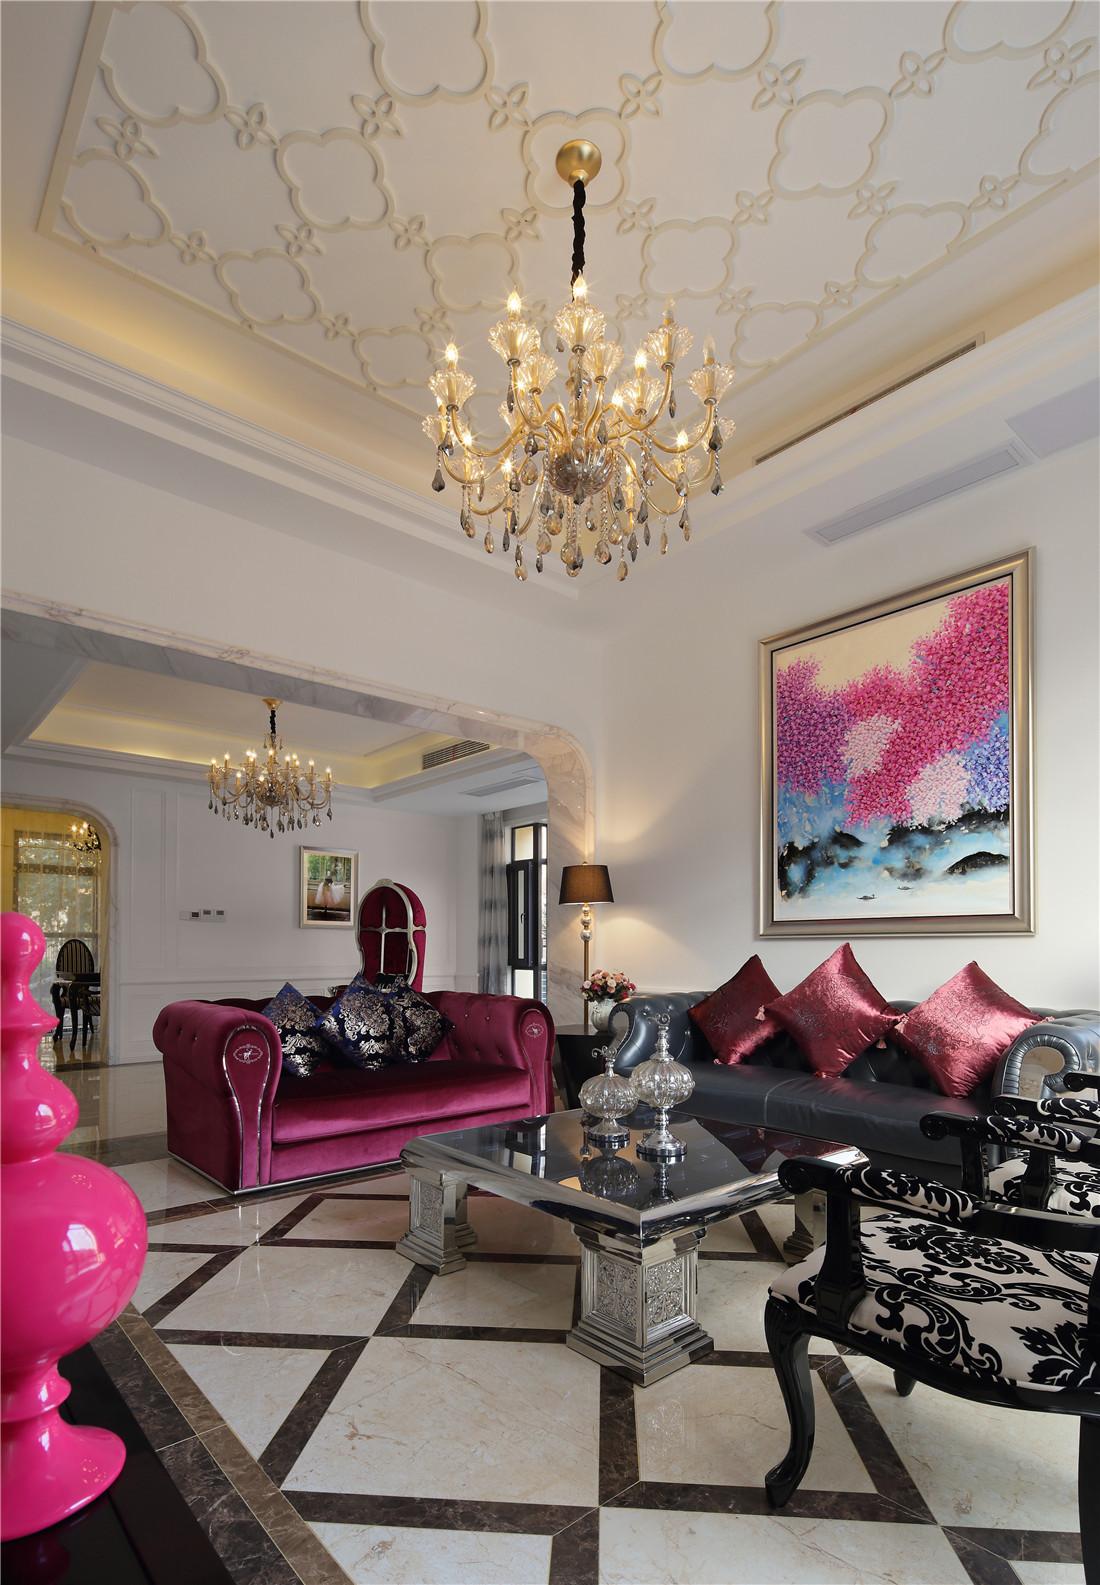 新古典风格别墅装修客厅顶面造型图